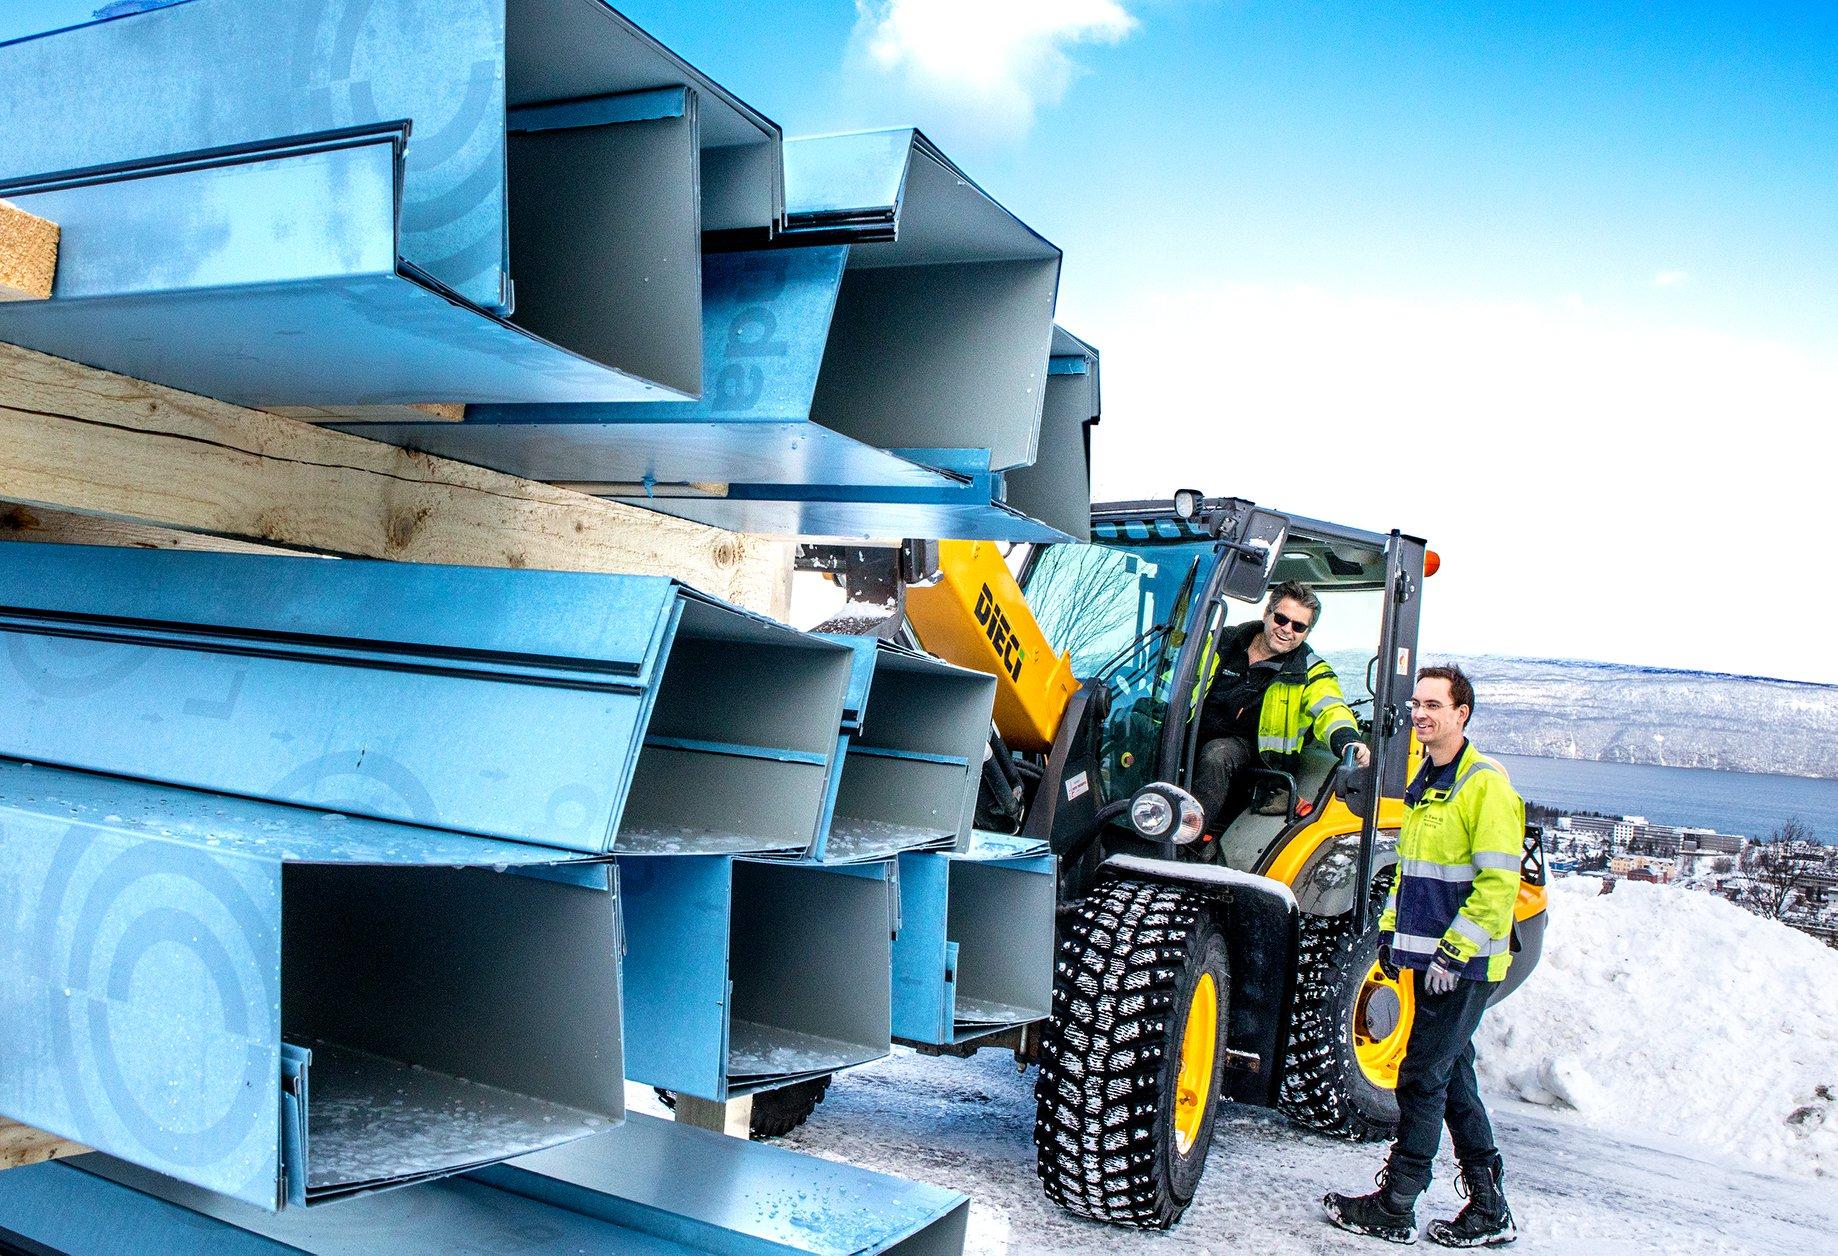 Narvik byggs Egil Eidstø hjelper til å plassere siste beslagleveranse. (Foto: Michael Ulriksen)